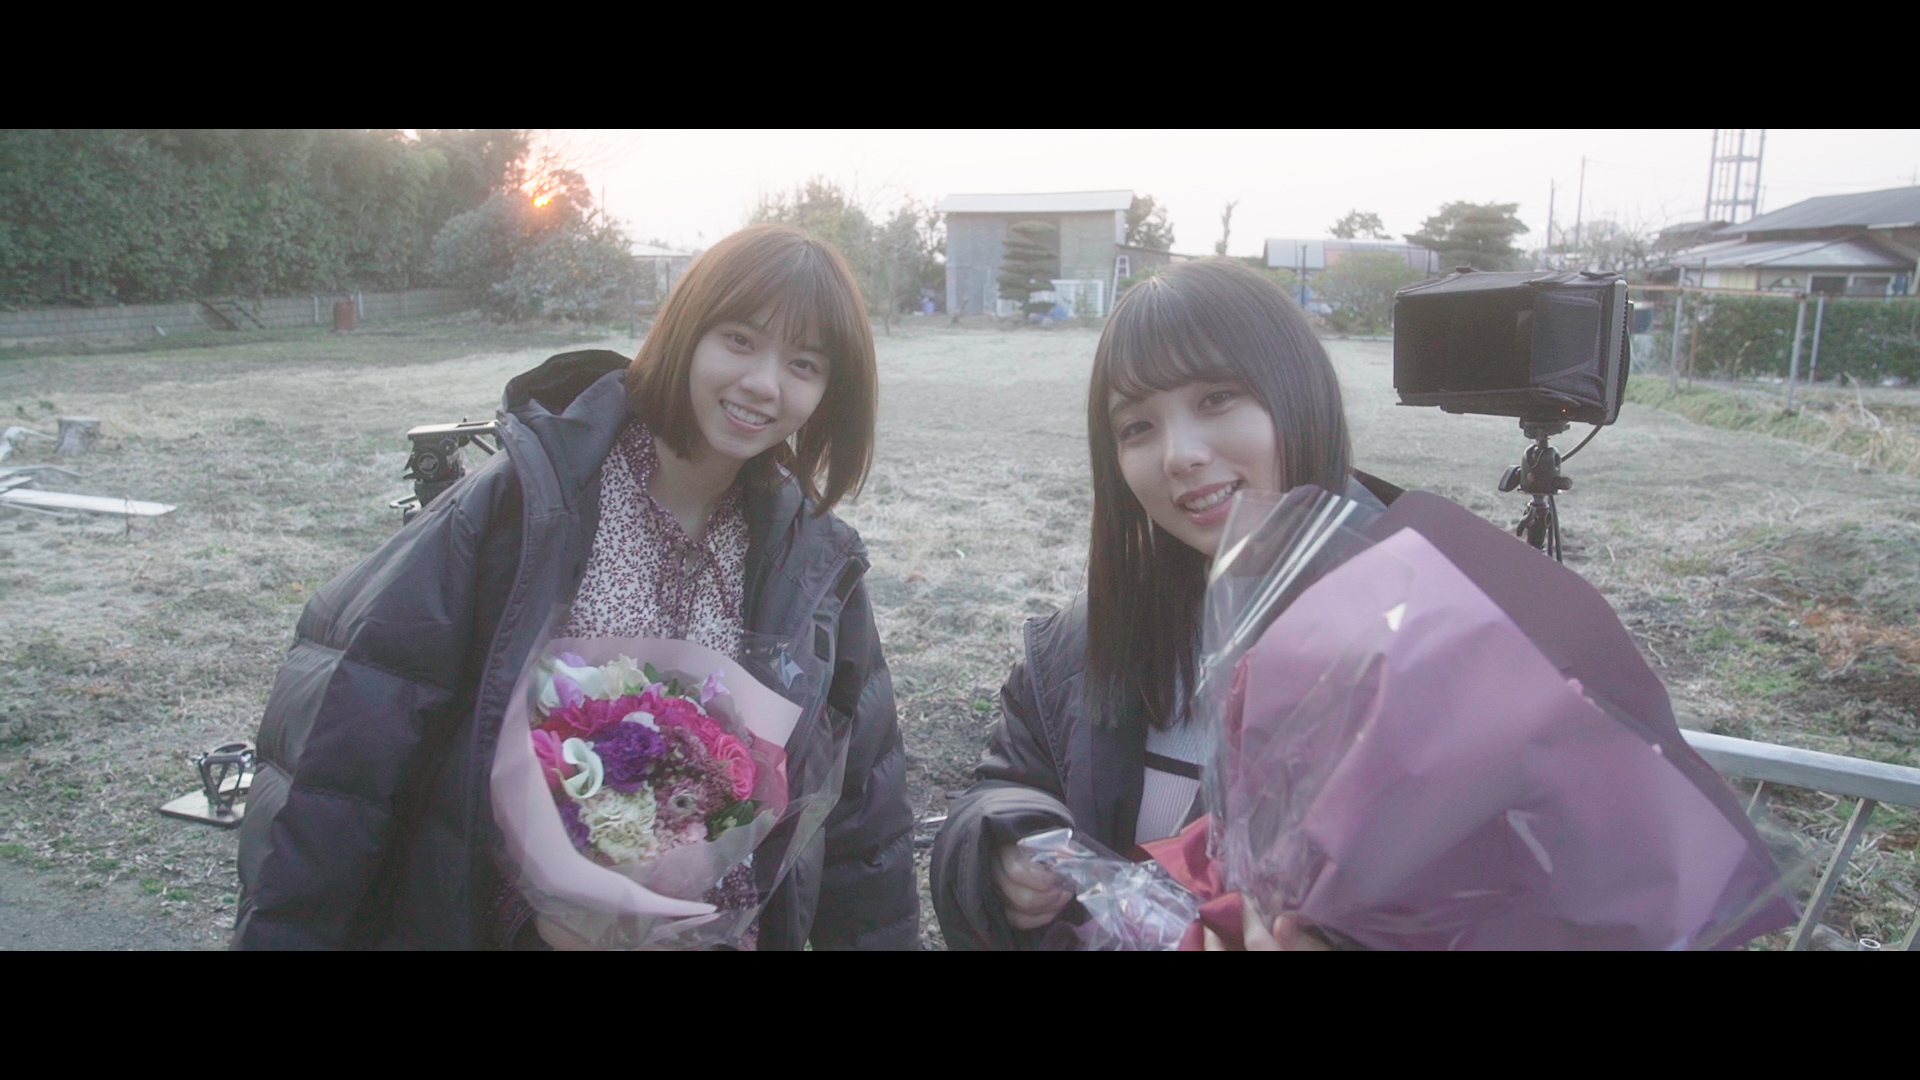 『乃木恋』がセブンイレブンとコラボ!メンバー出演のショートムービーが5月1日より配信開始!